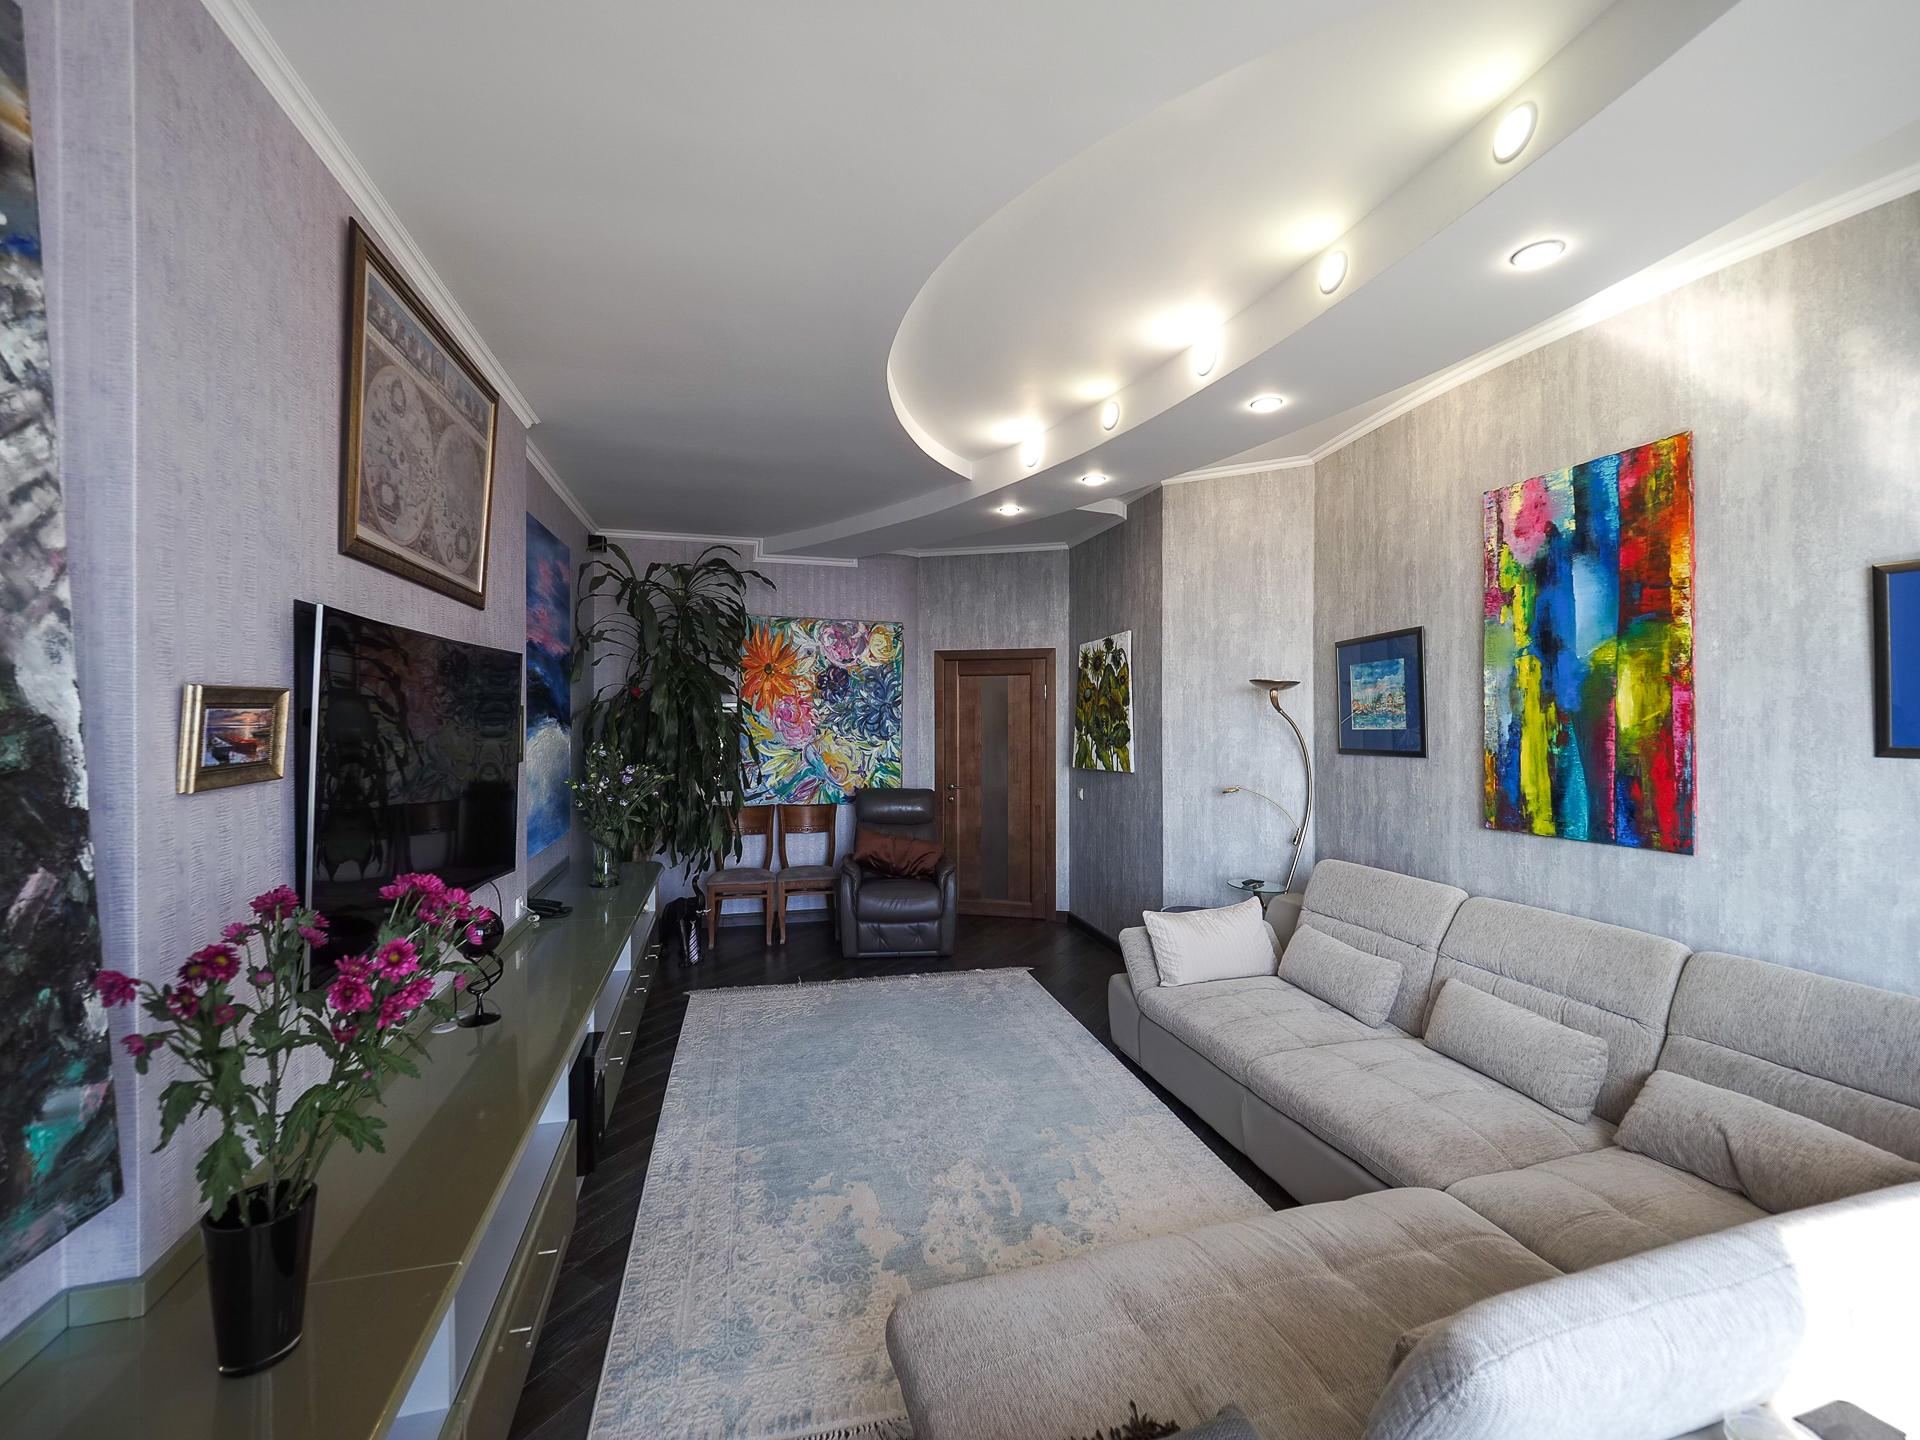 видовая квартира 22 этаж 100 Кв м 2